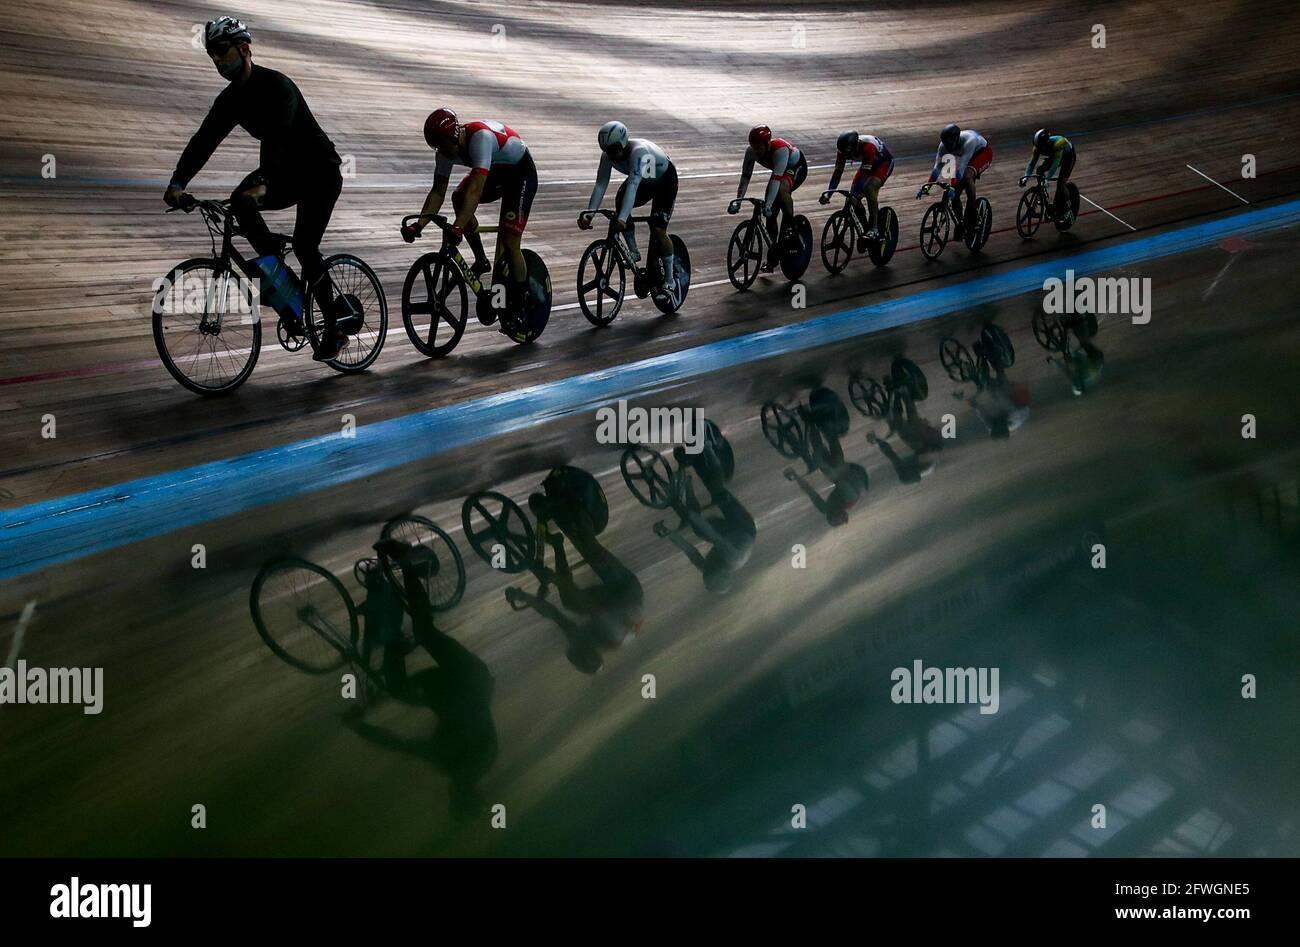 Mosca, Russia. 22 maggio 2021. Partecipanti al Gran Premio di Mosca 2021 pista ciclabile al Krylatskoye Velodrome. Credit: Sergei Bobylev/TASS/Alamy Live News Foto Stock